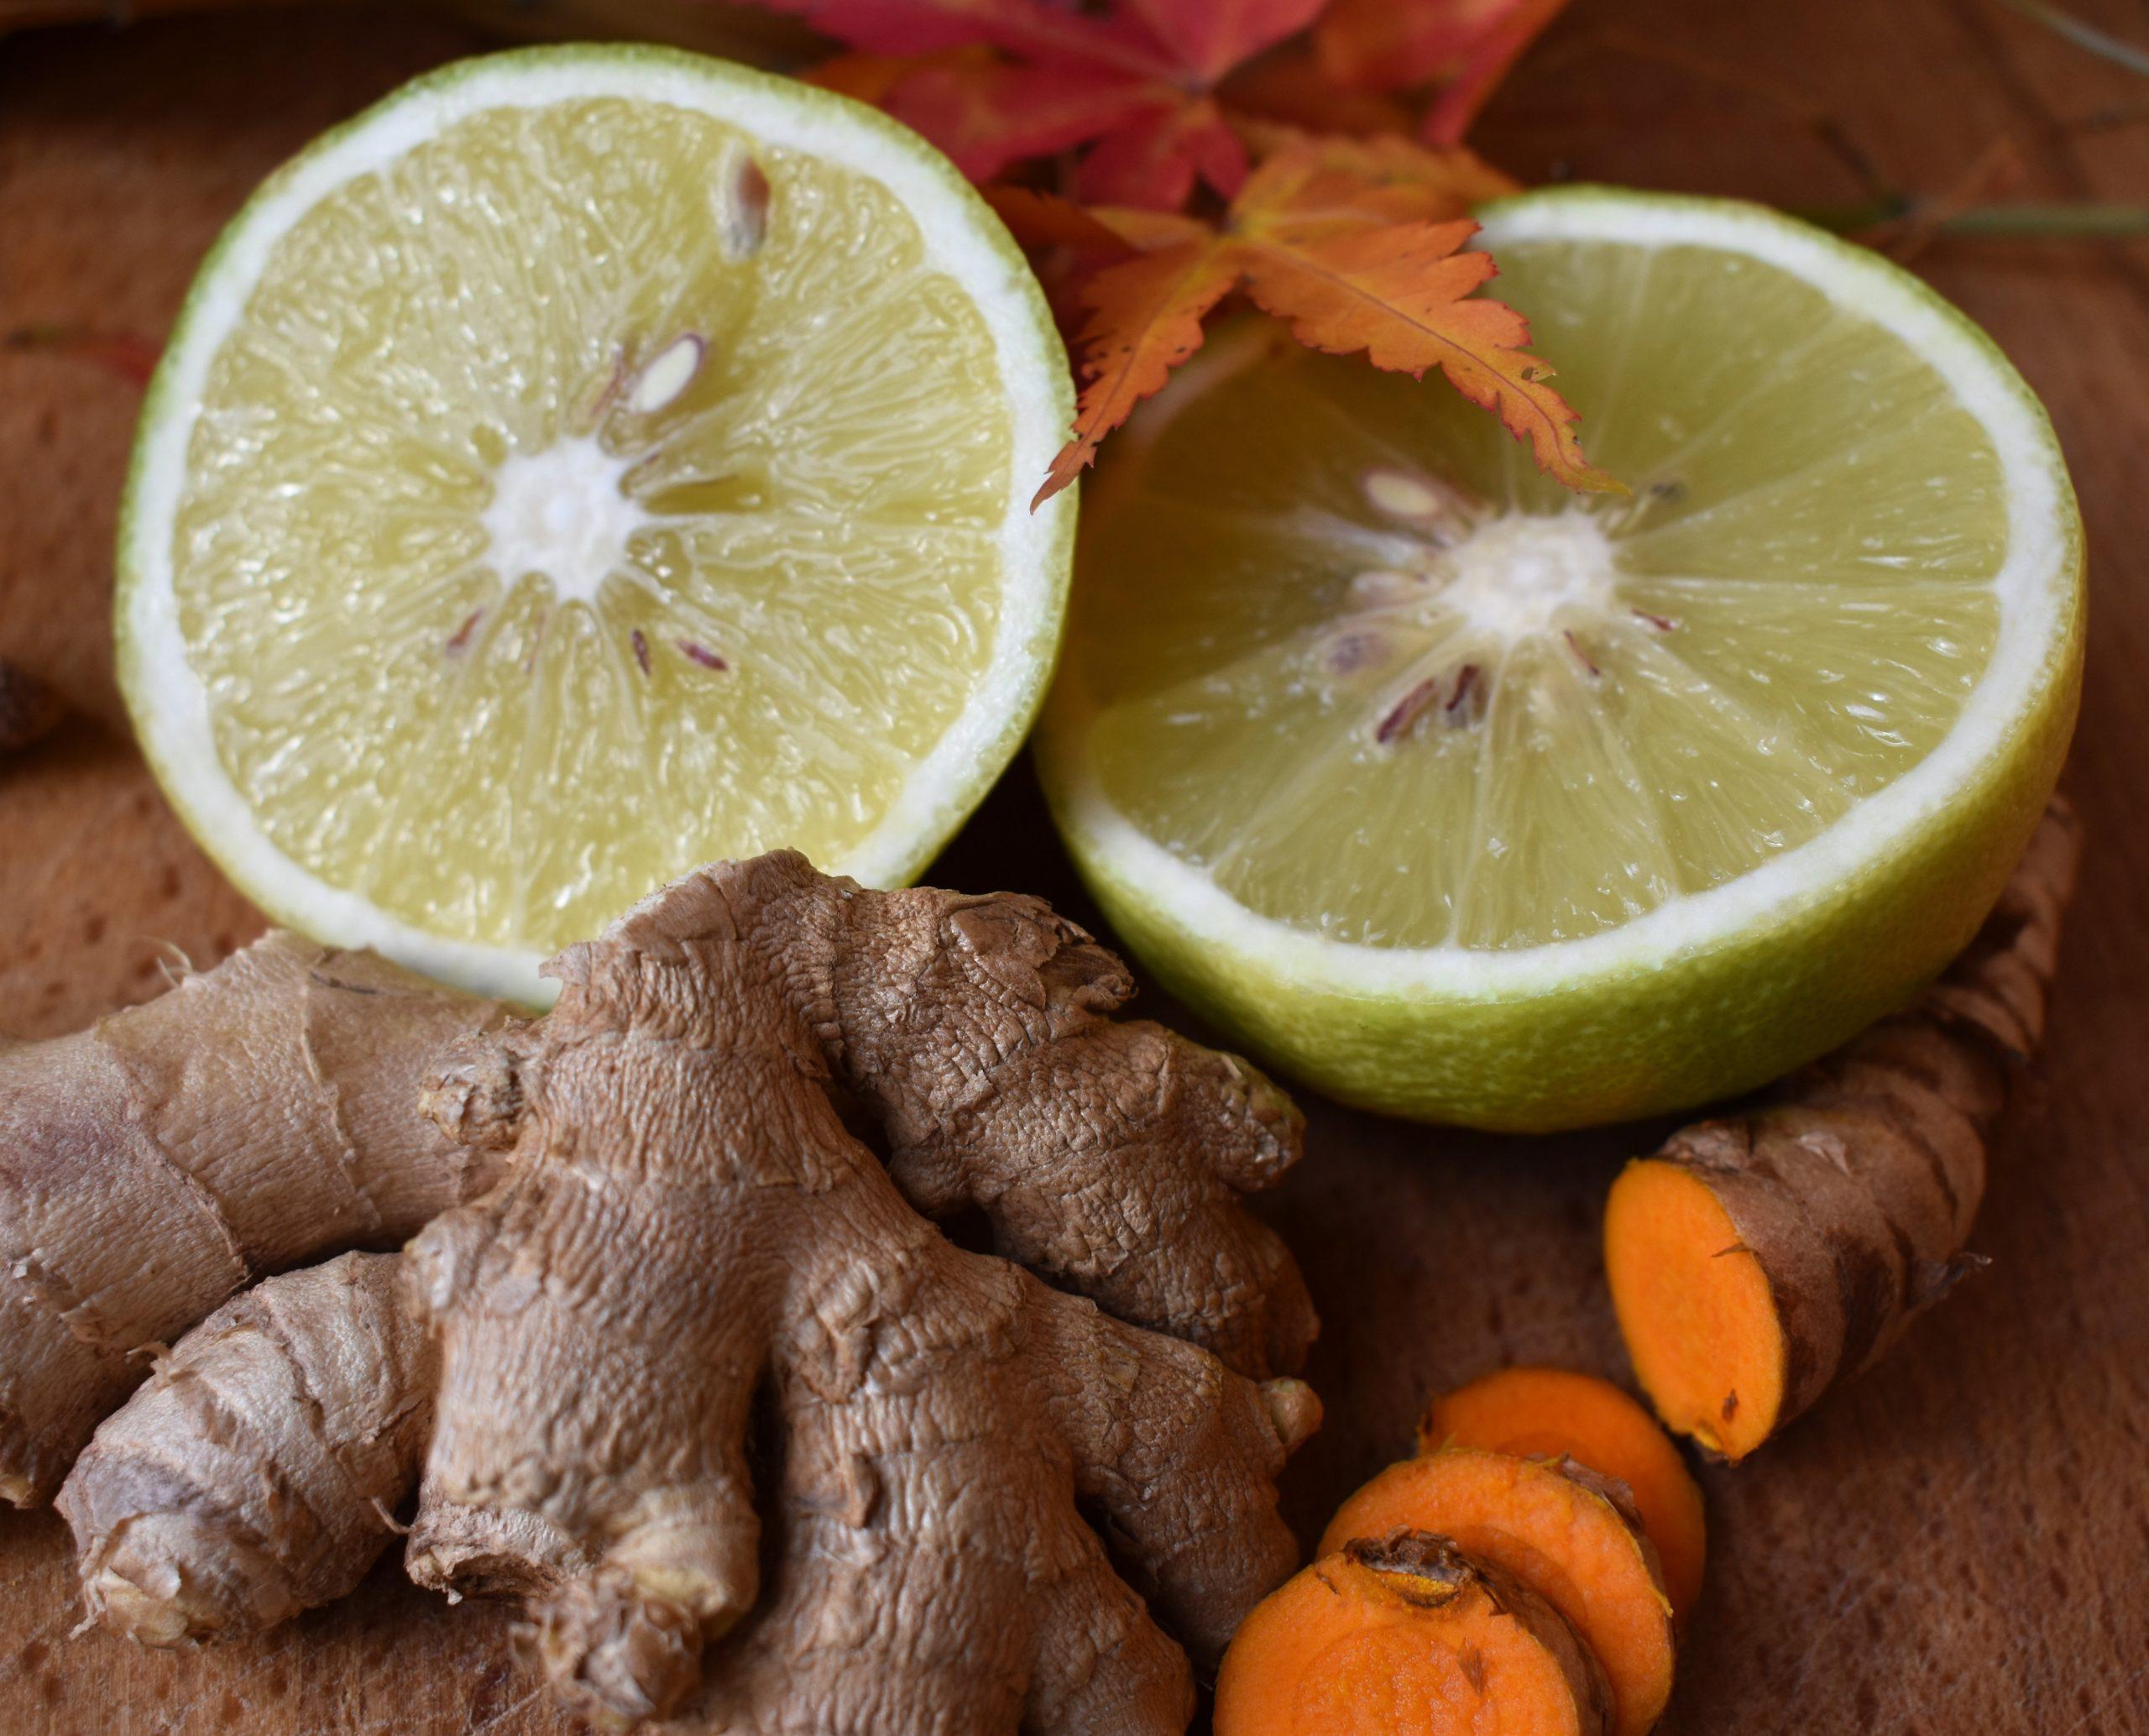 Limonade fermentée comme une gingerbeer